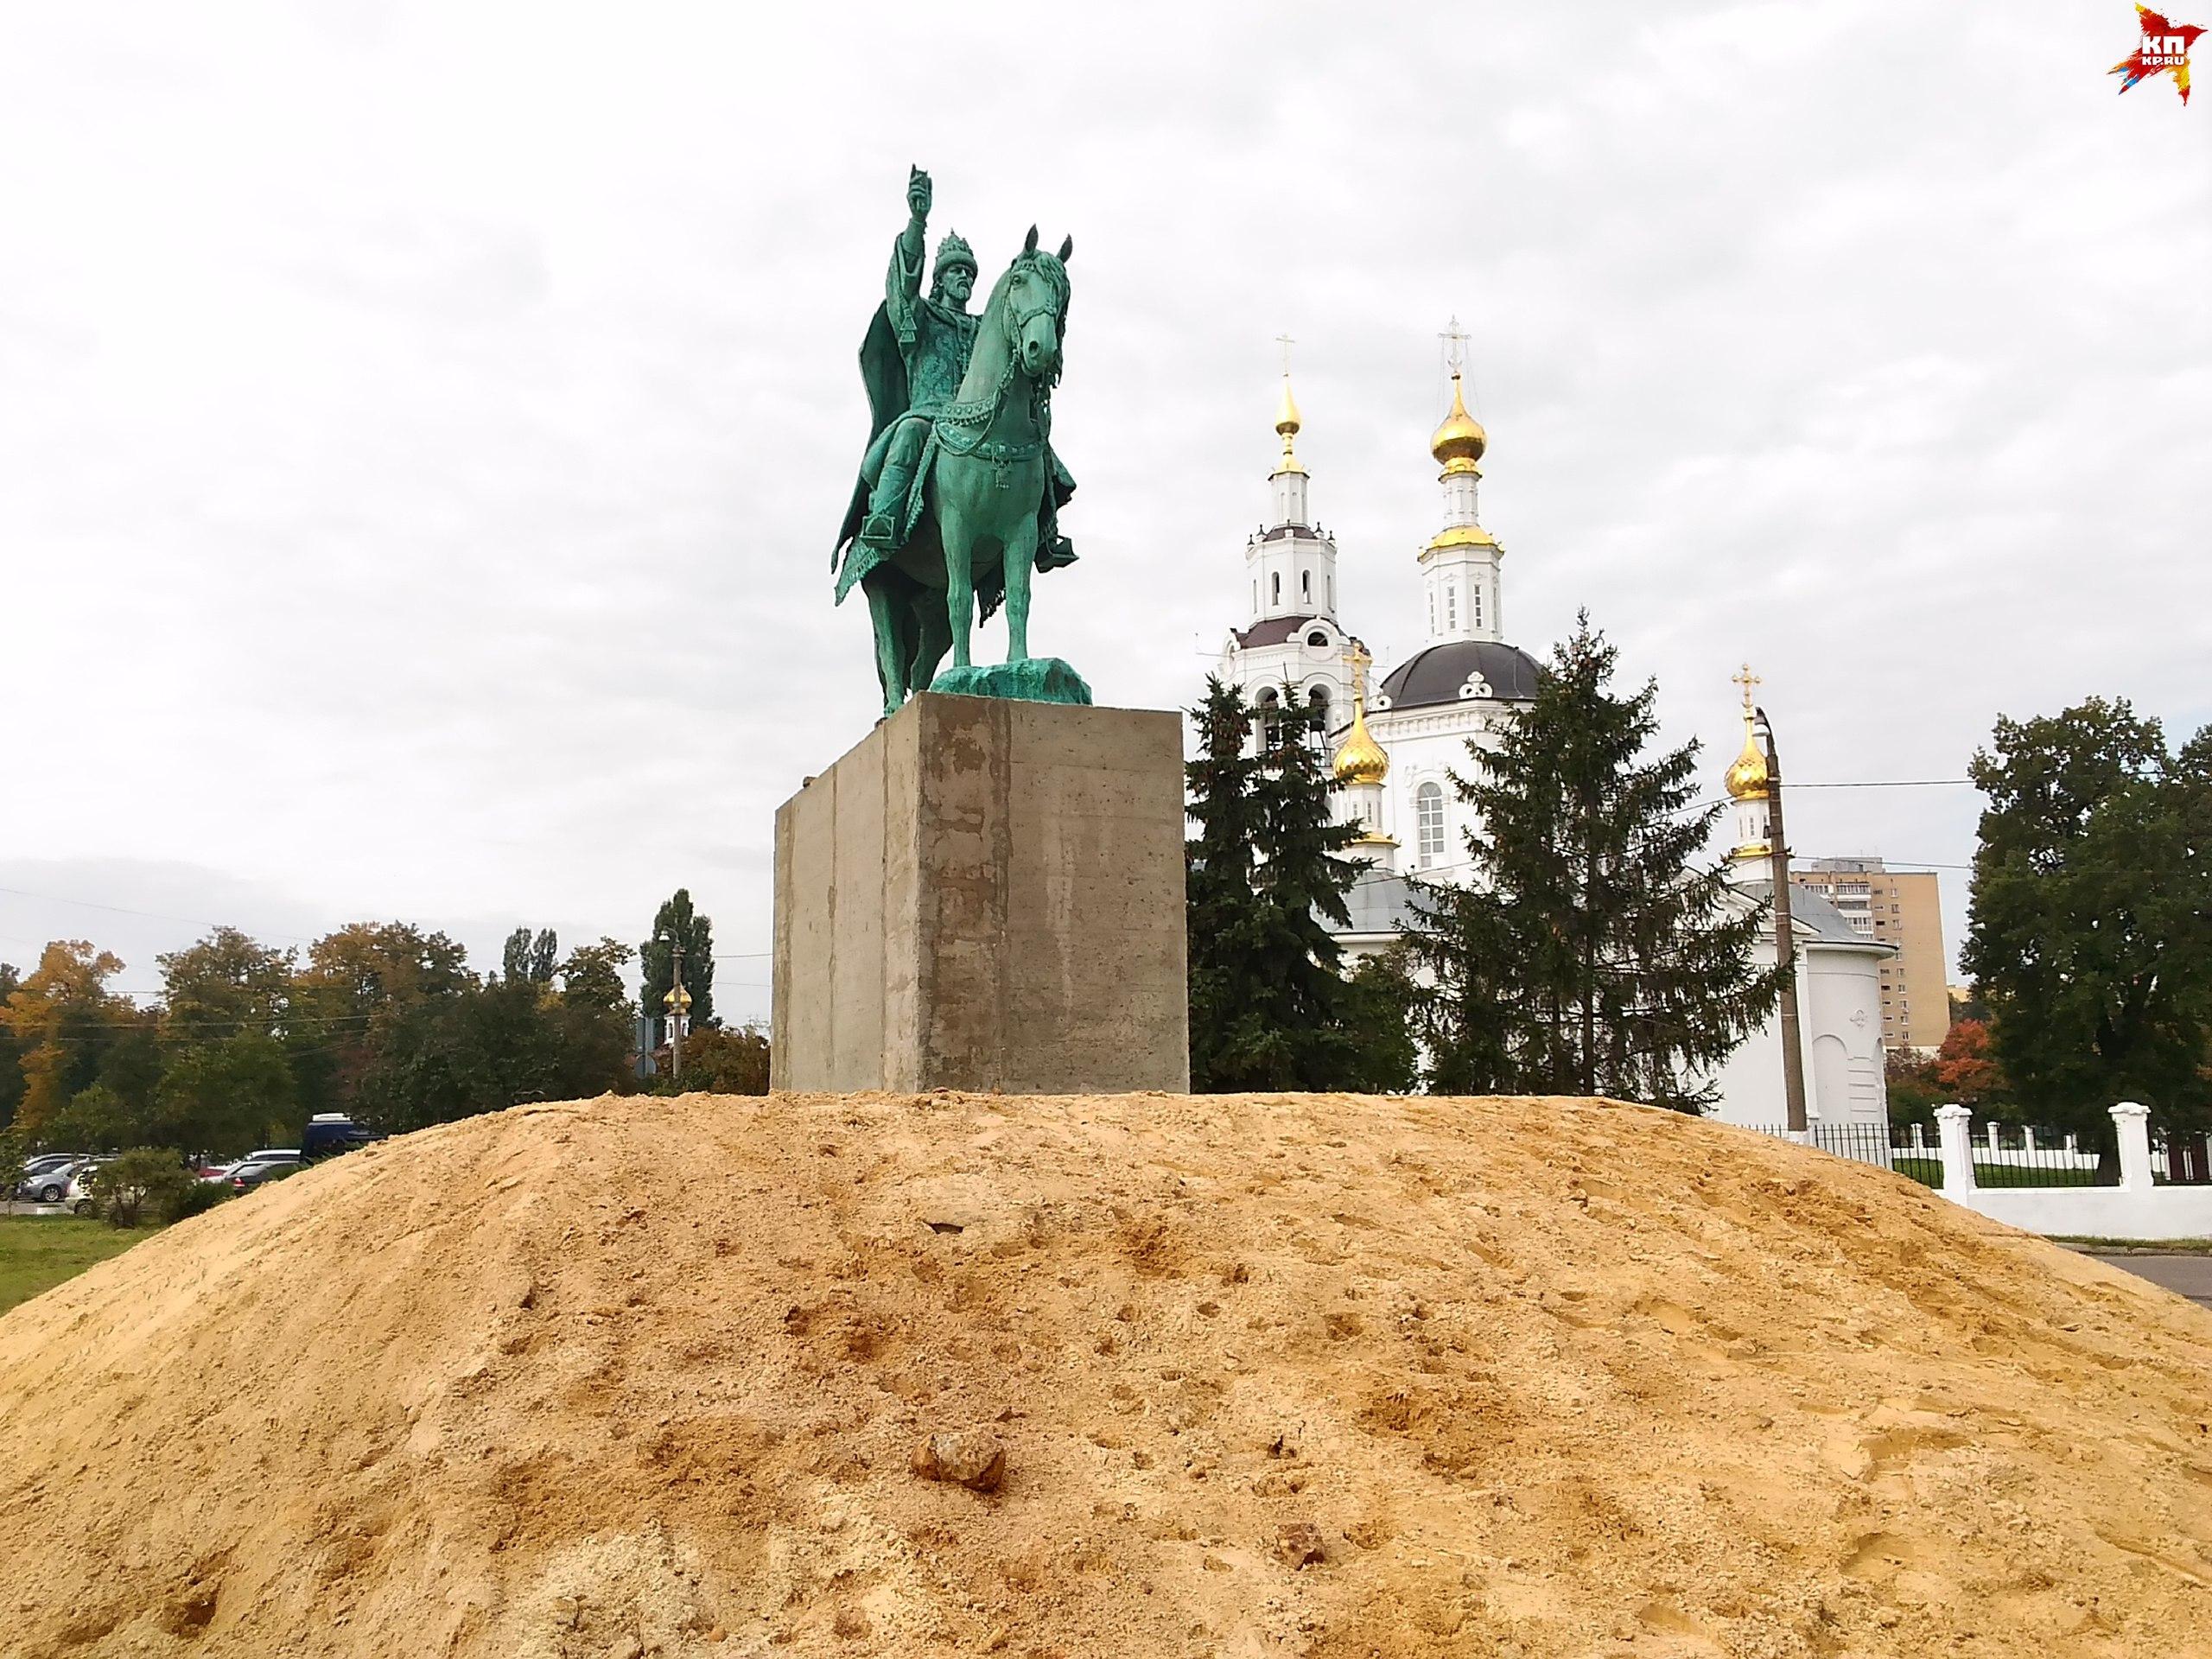 Купить памятник екатеринбург vk памятники в нижнем новгороде в великую отечественную